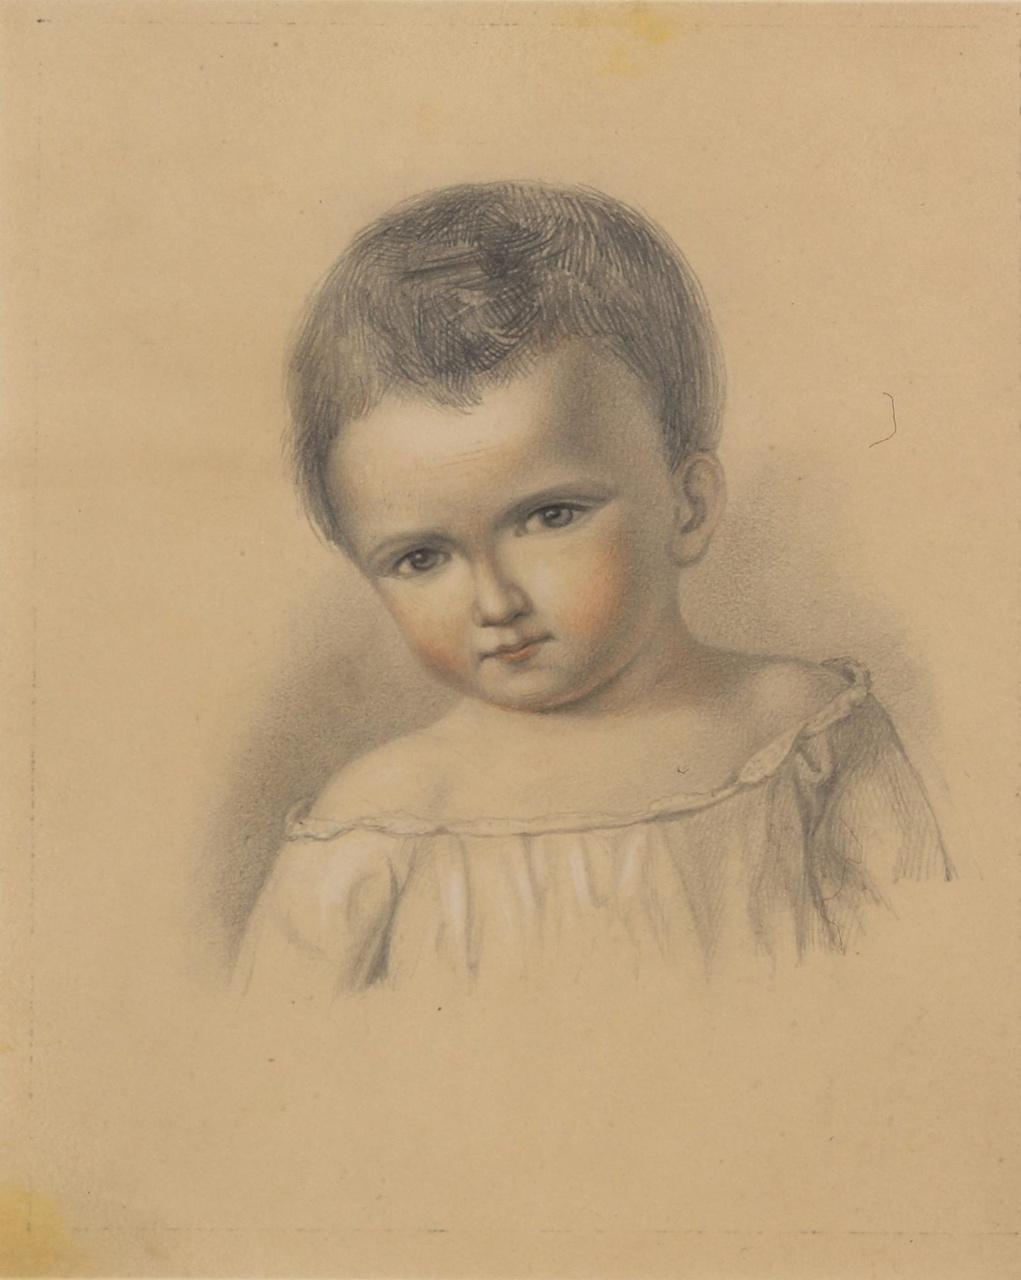 Portret van J.H.J.C. Martens van Sevenhoven (1850-1923) als kleuter